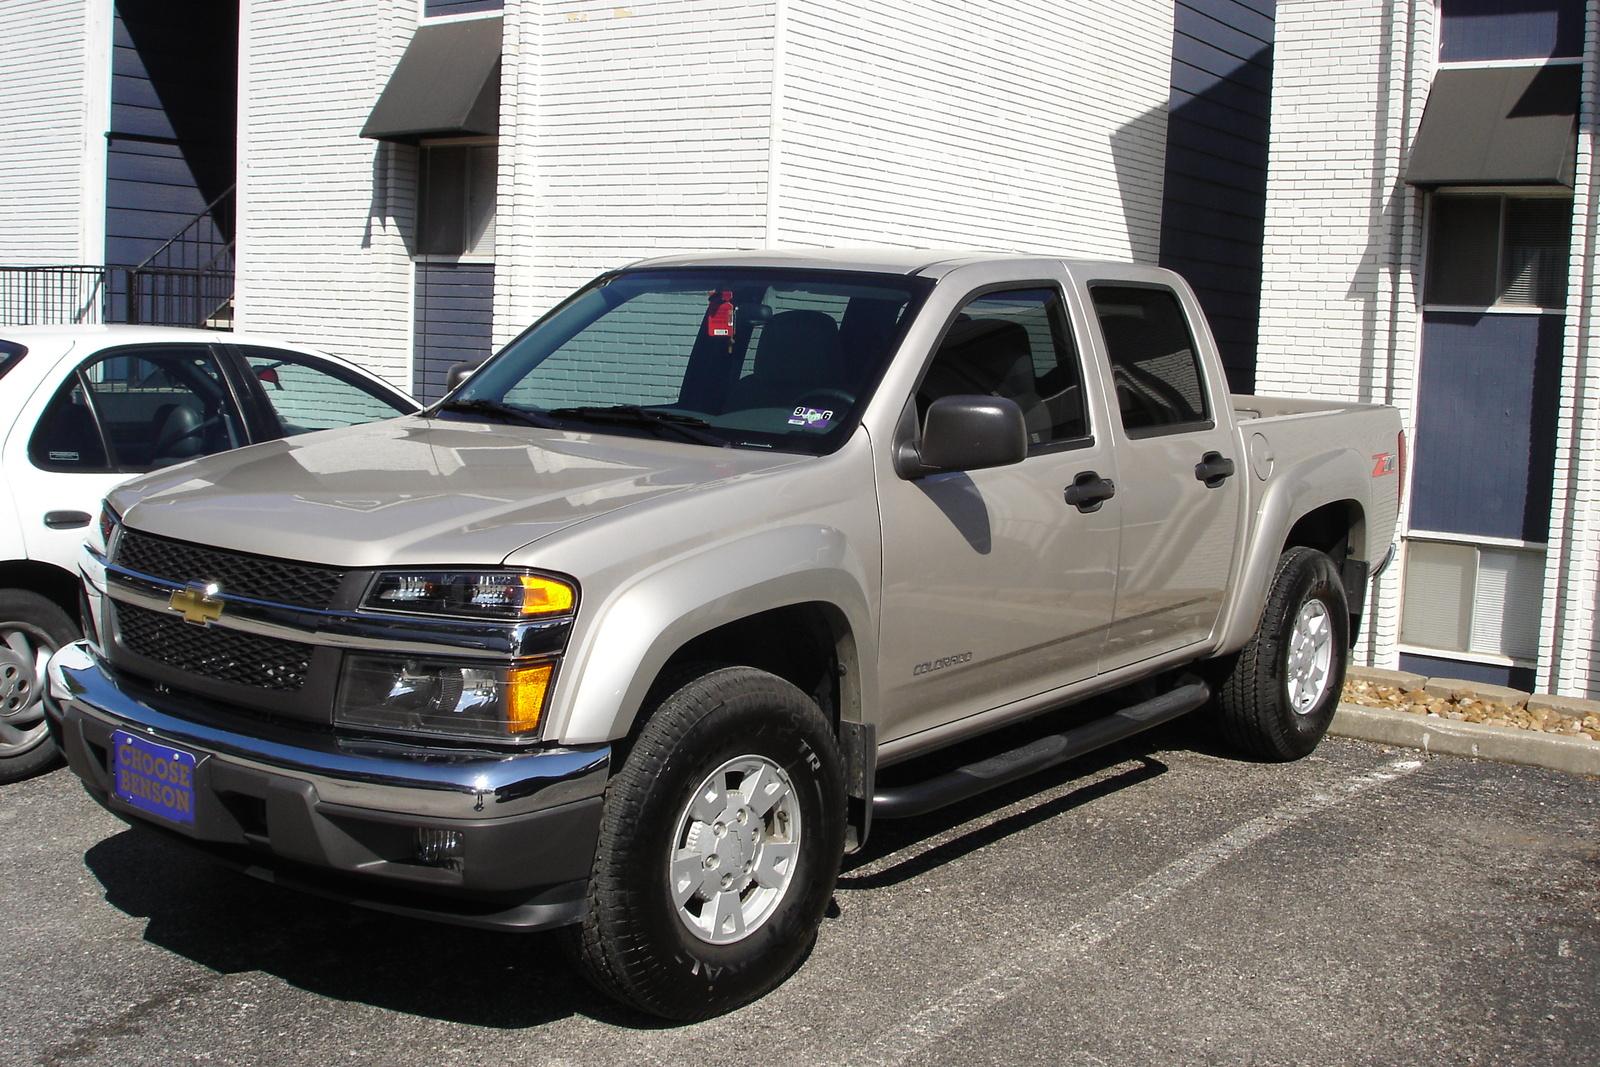 Colorado 2005 chevrolet colorado parts : 2005 Chevrolet Colorado - Partsopen